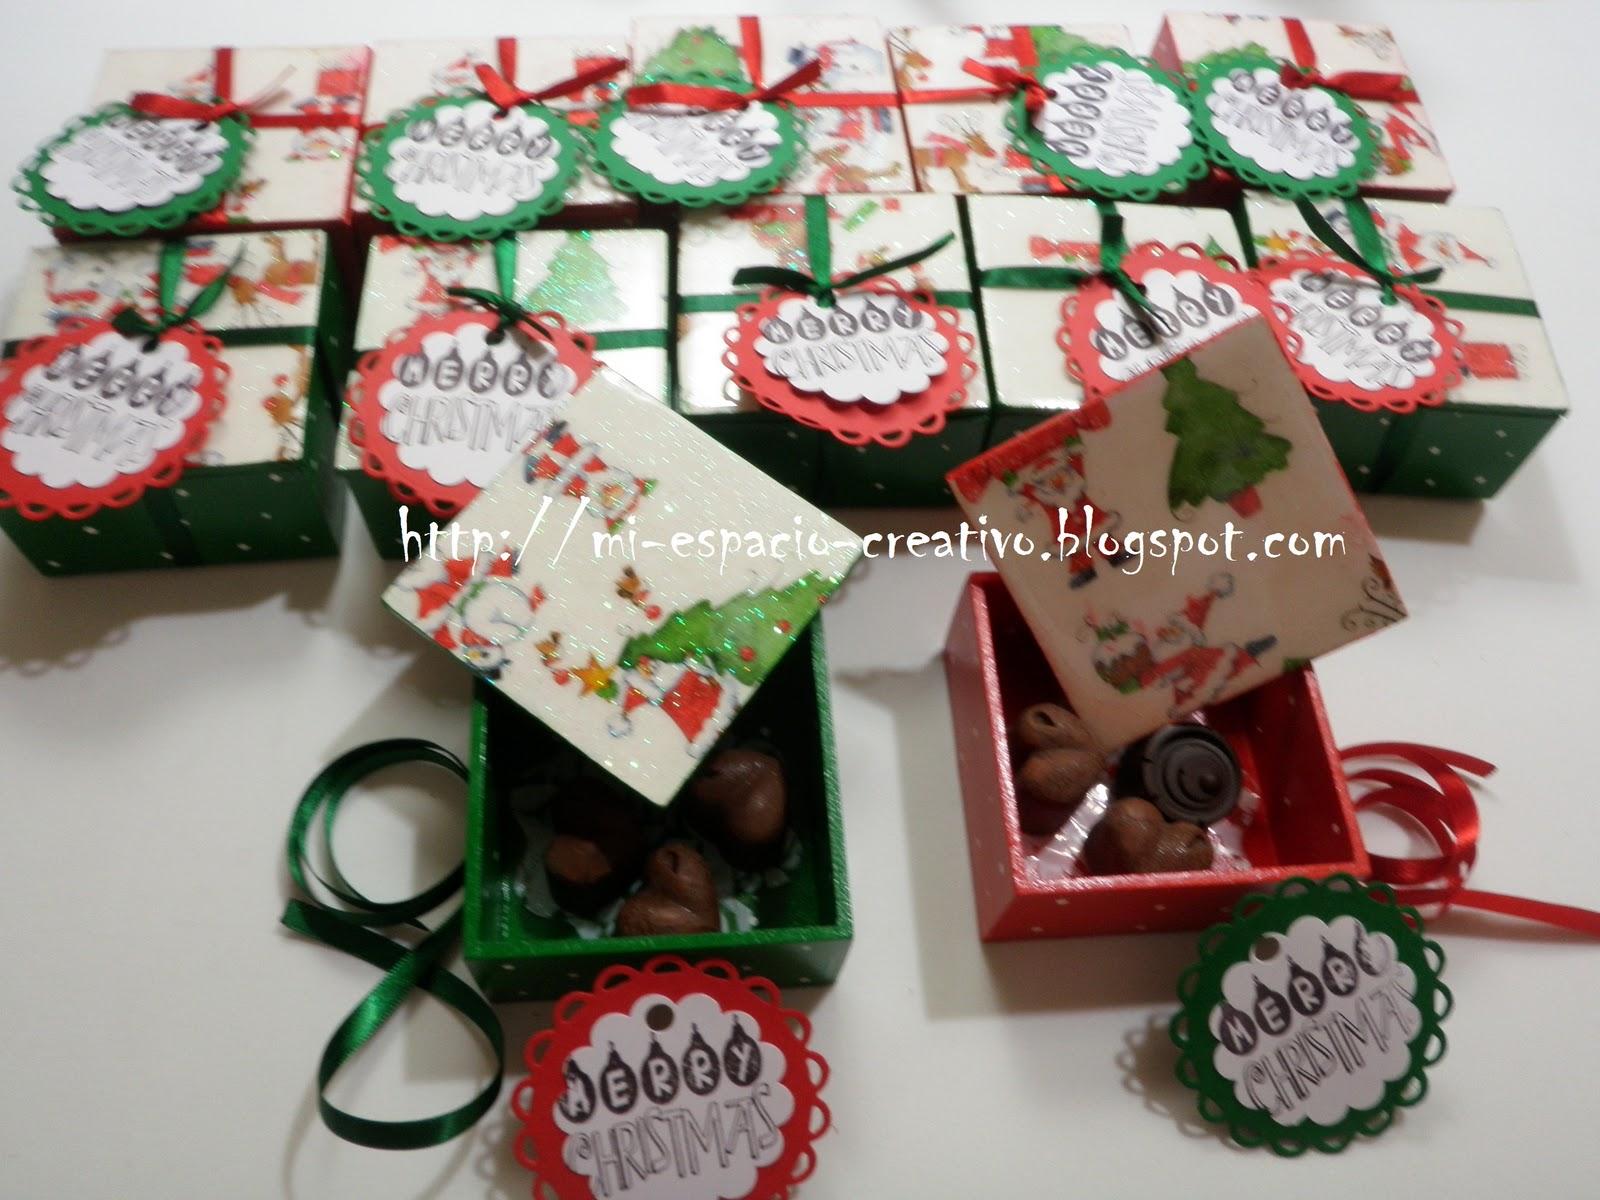 Como hacer tarjetas para regalar chocolates regalos - Como hacer tarjetas para regalar ...